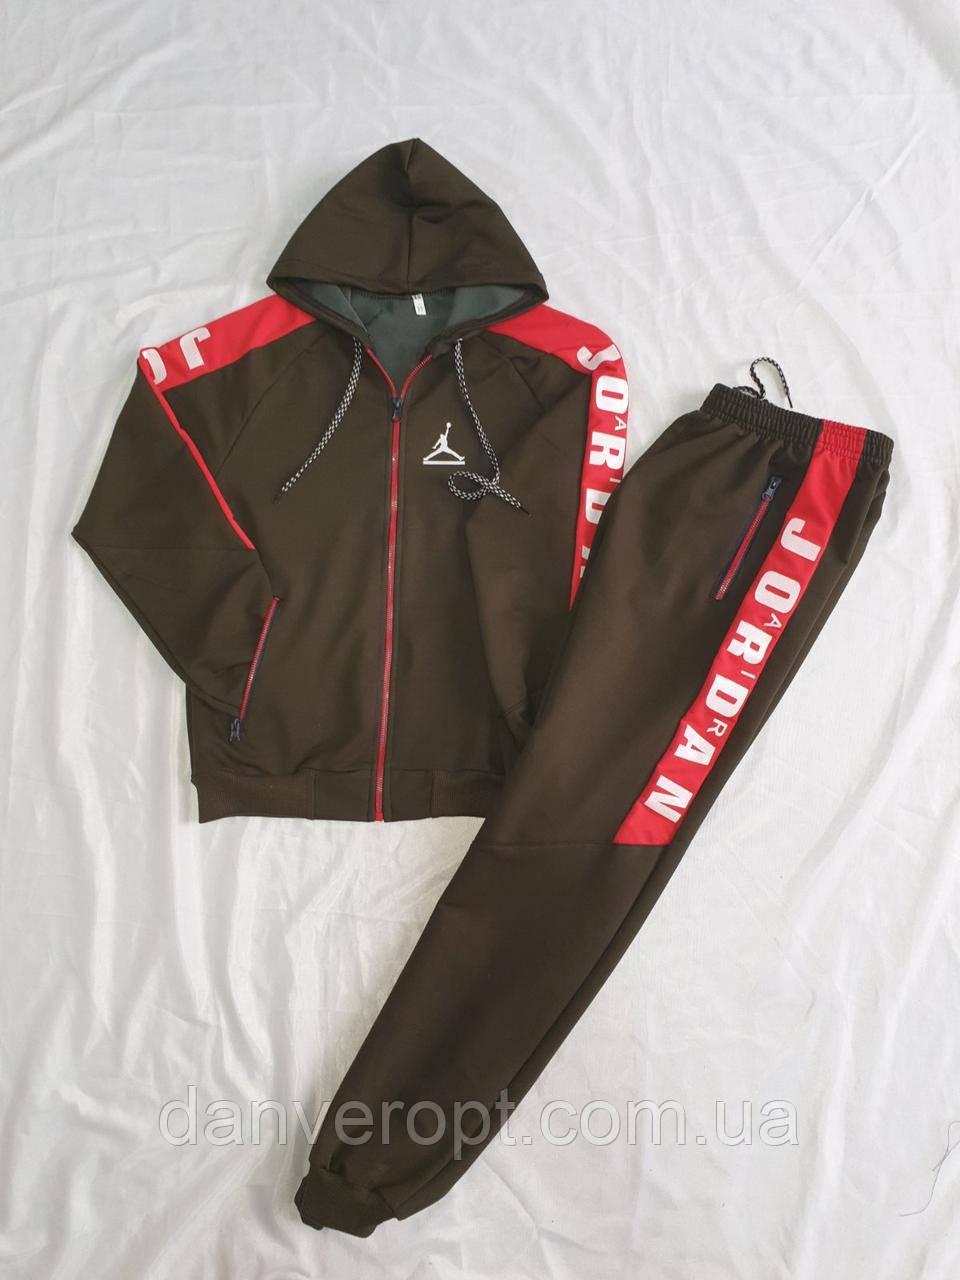 Спортивный костюм юниор стильный JORDAN на мальчика 10-15 лет купить оптом со склада 7км Одесса